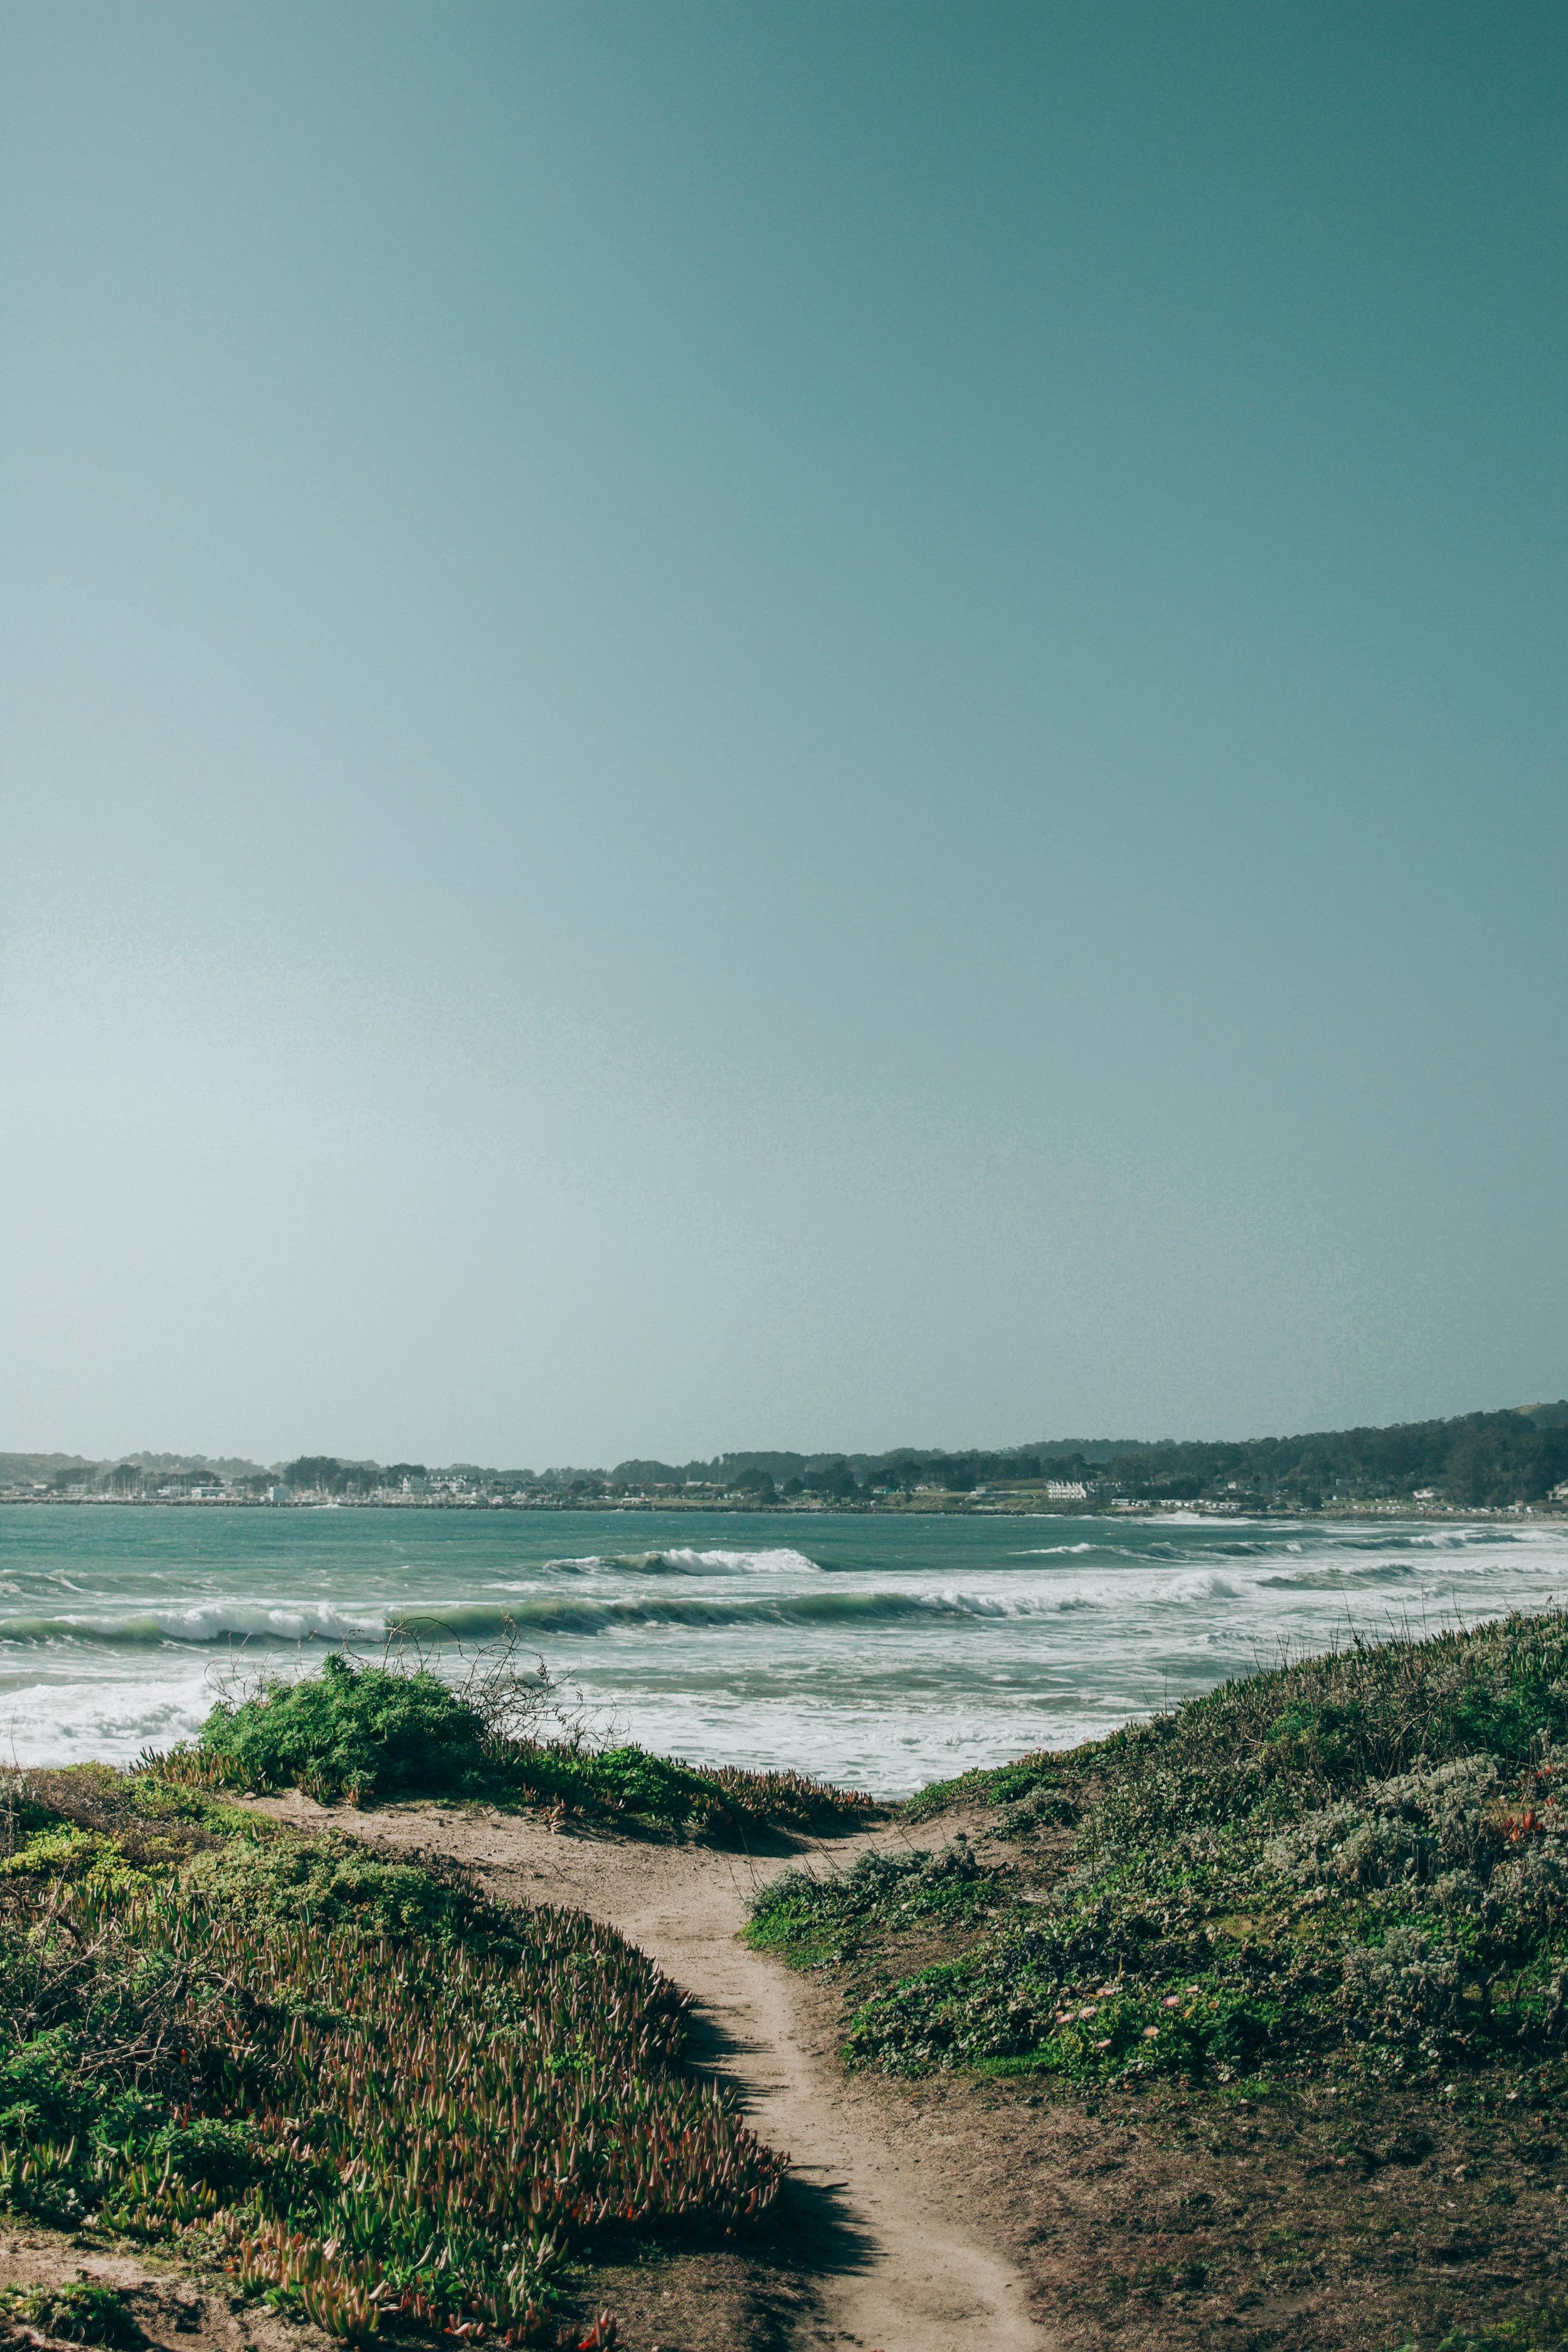 Ocean_04.JPG